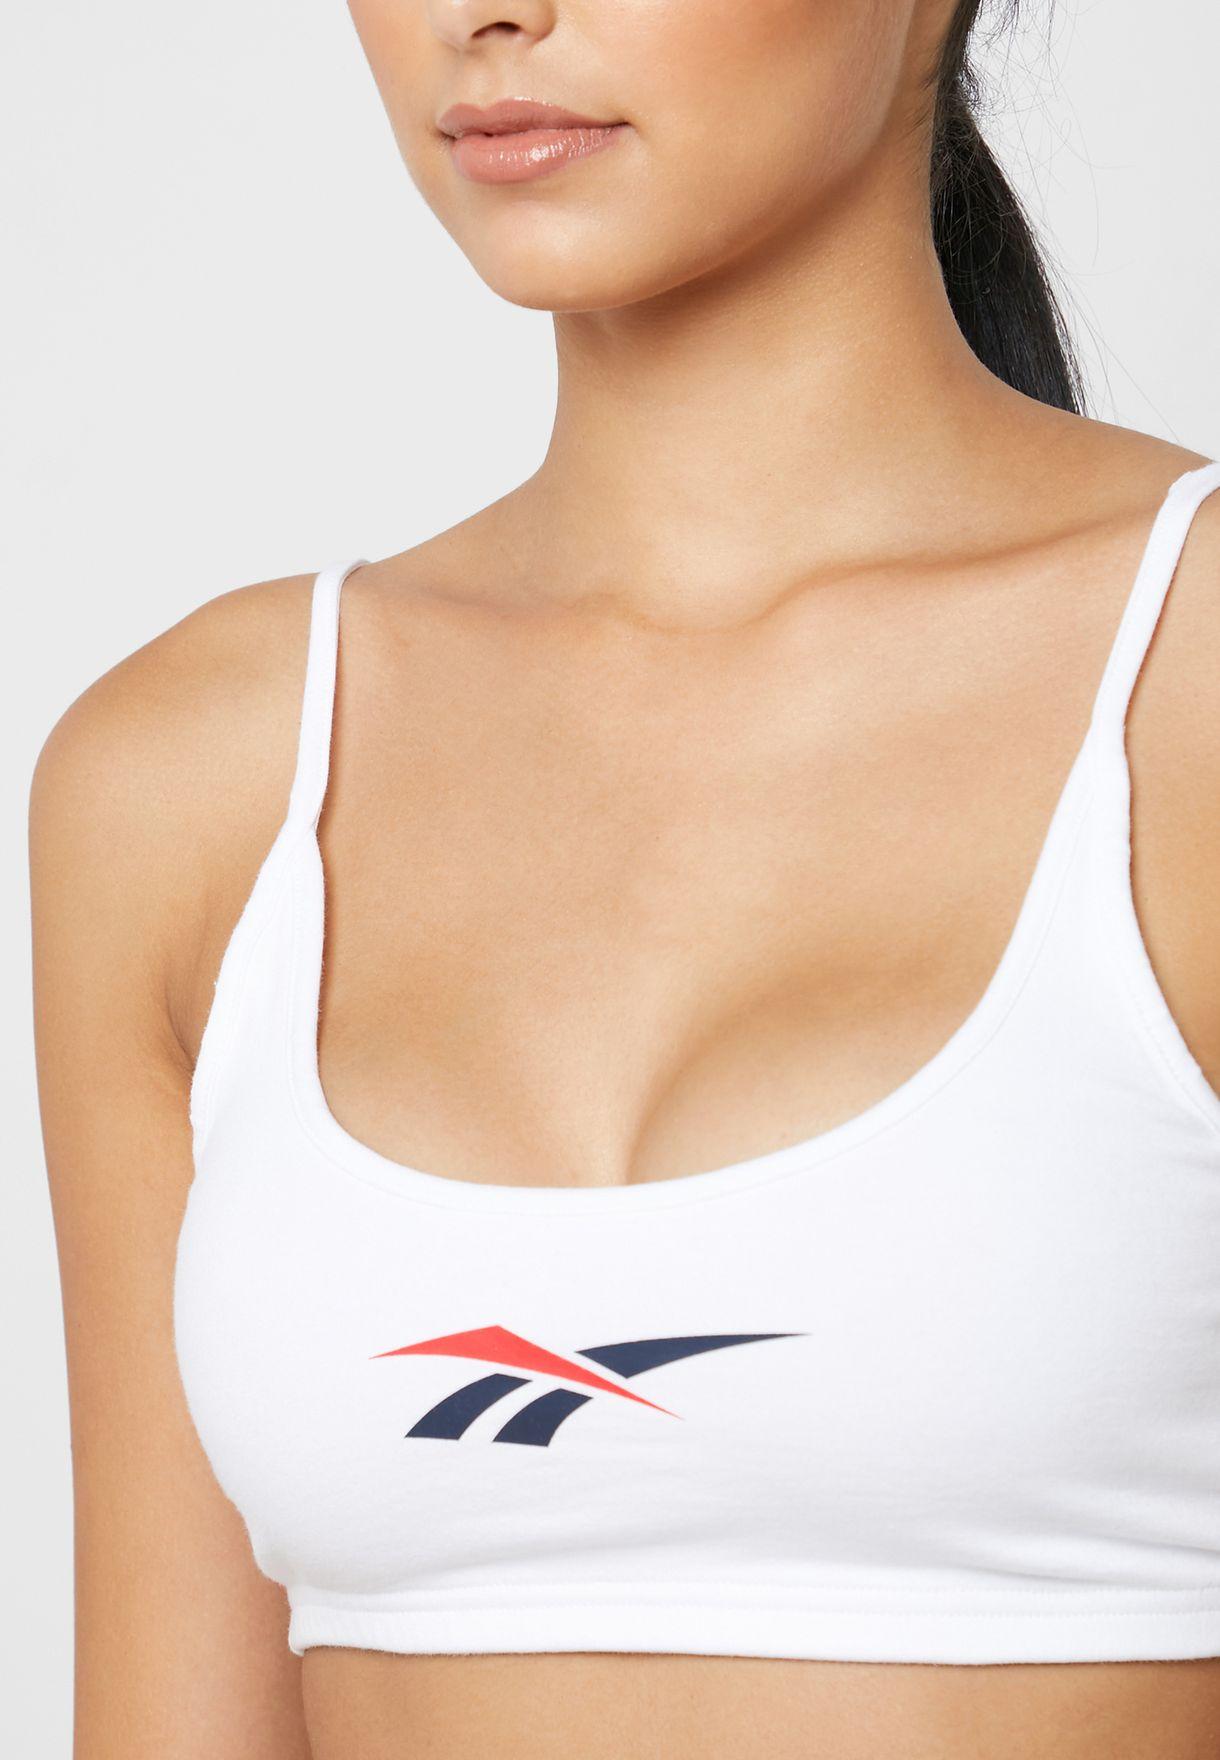 صدرية رياضية من مجموعة ريبوك زيغ كينيتيكا